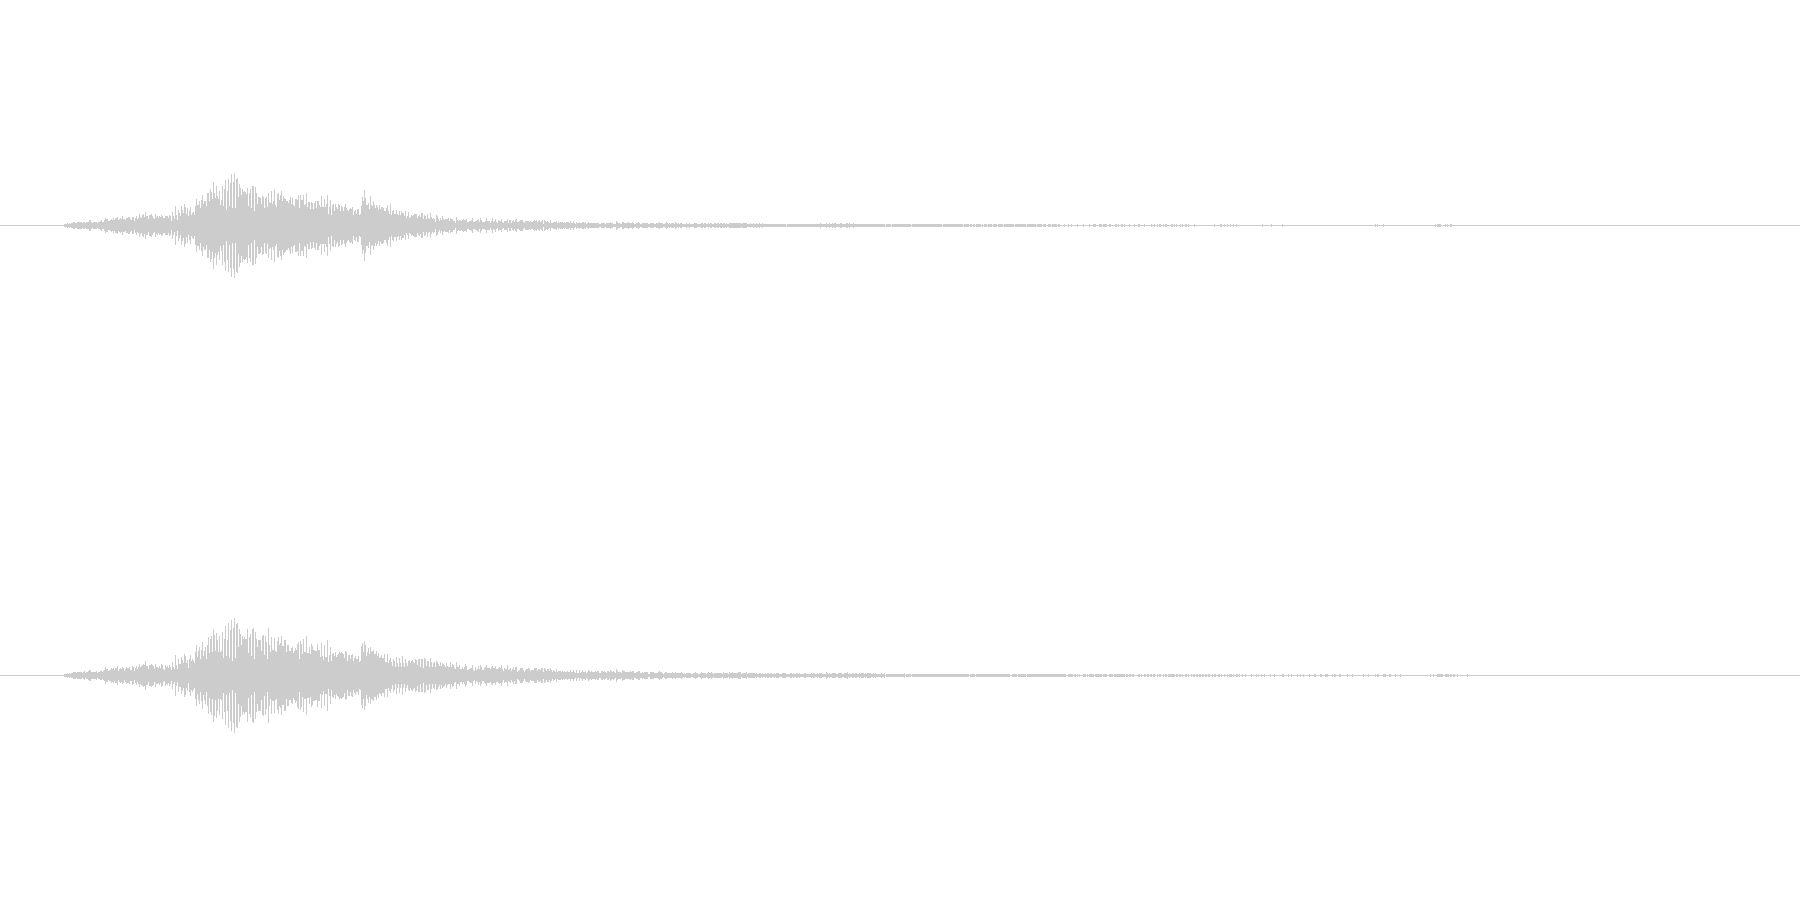 ハープグリッサンド上行1回~C7の未再生の波形